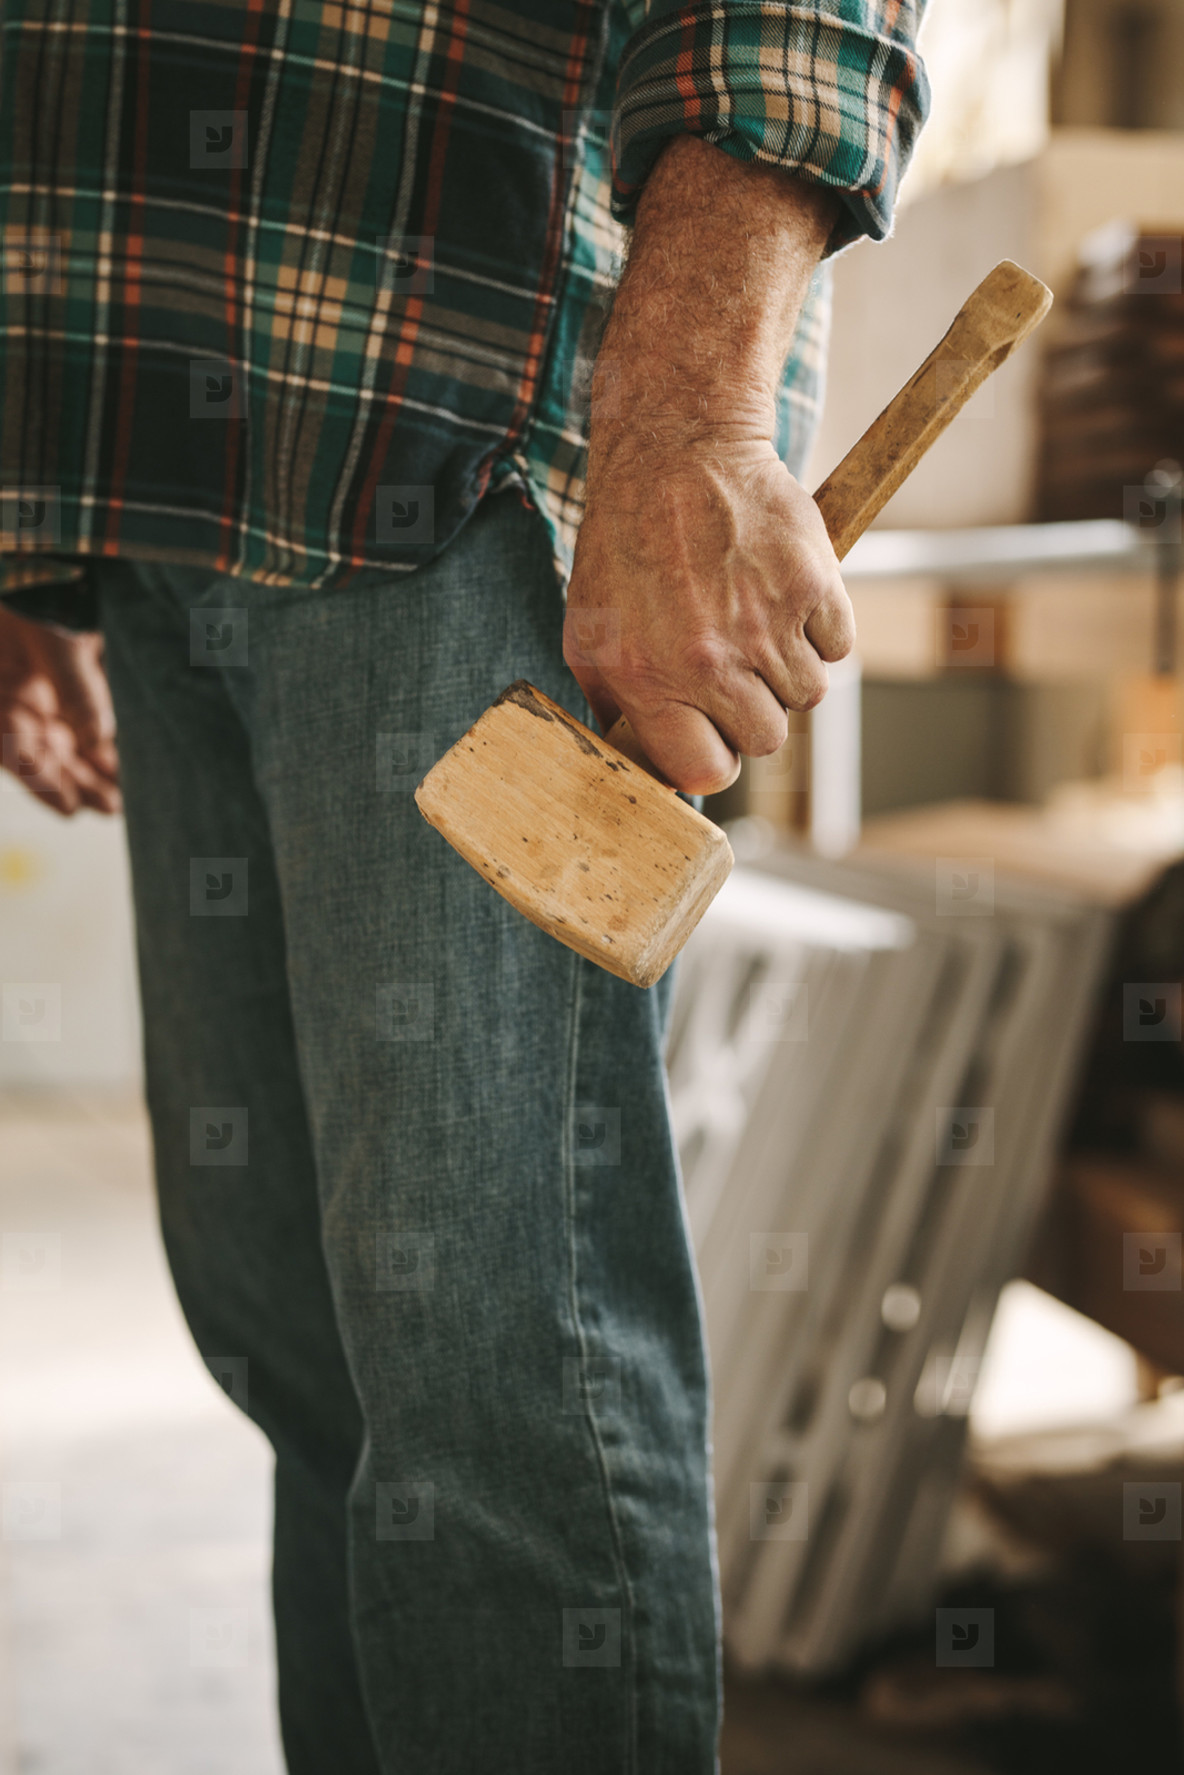 Carpenter with mallet hammer at workshop